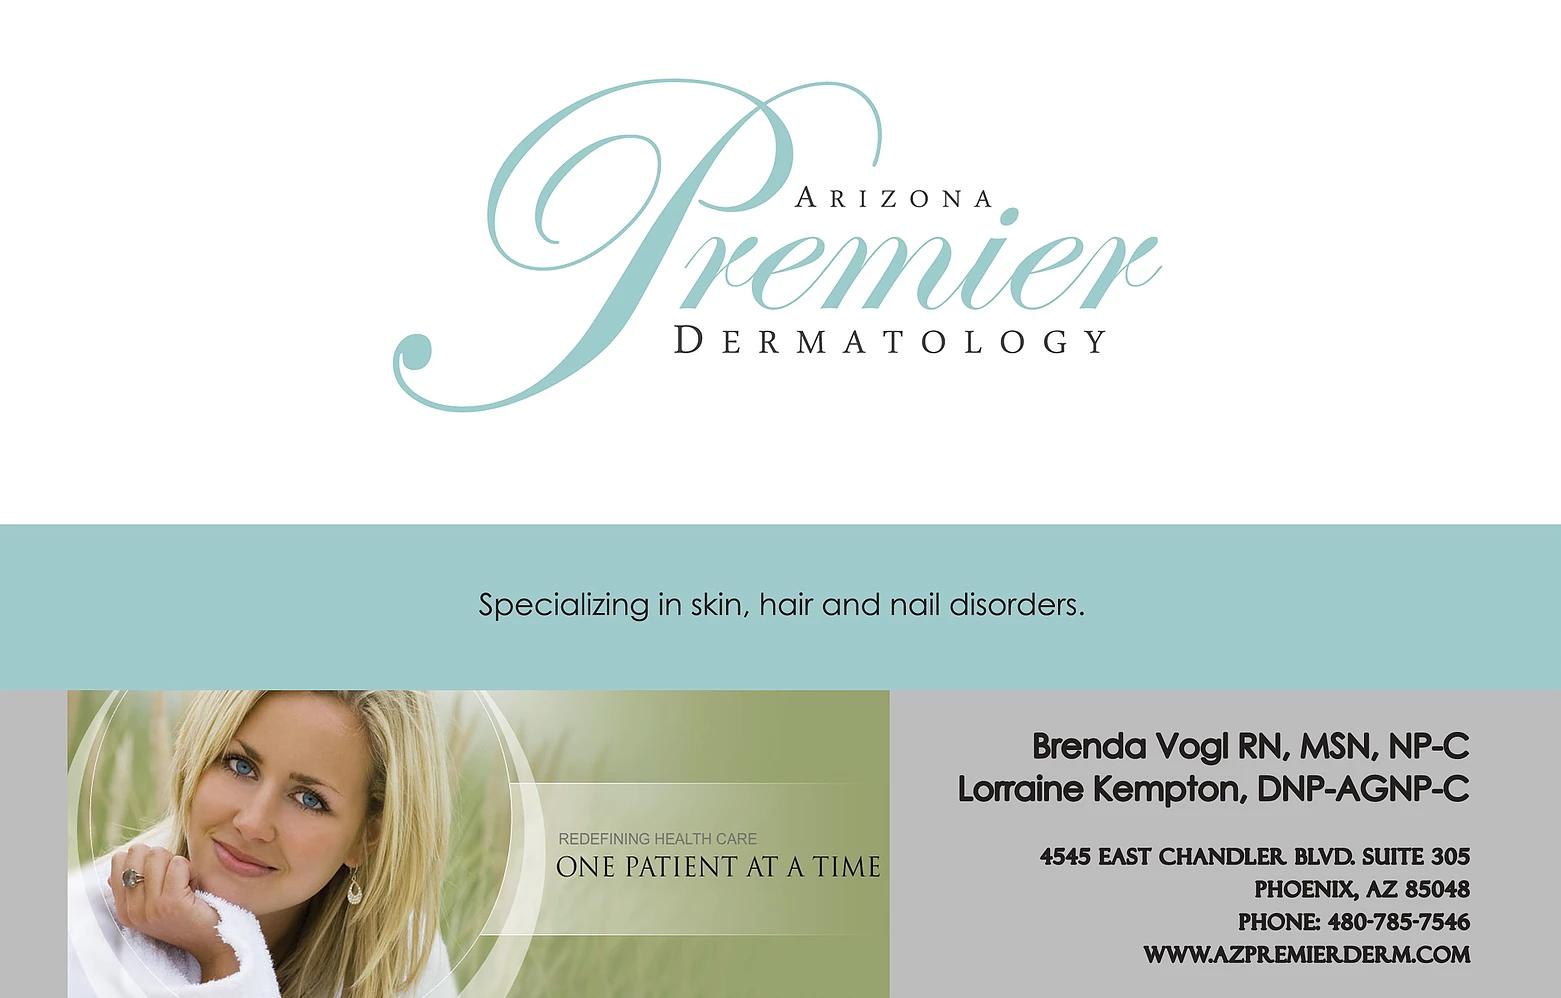 Premier Dermatology